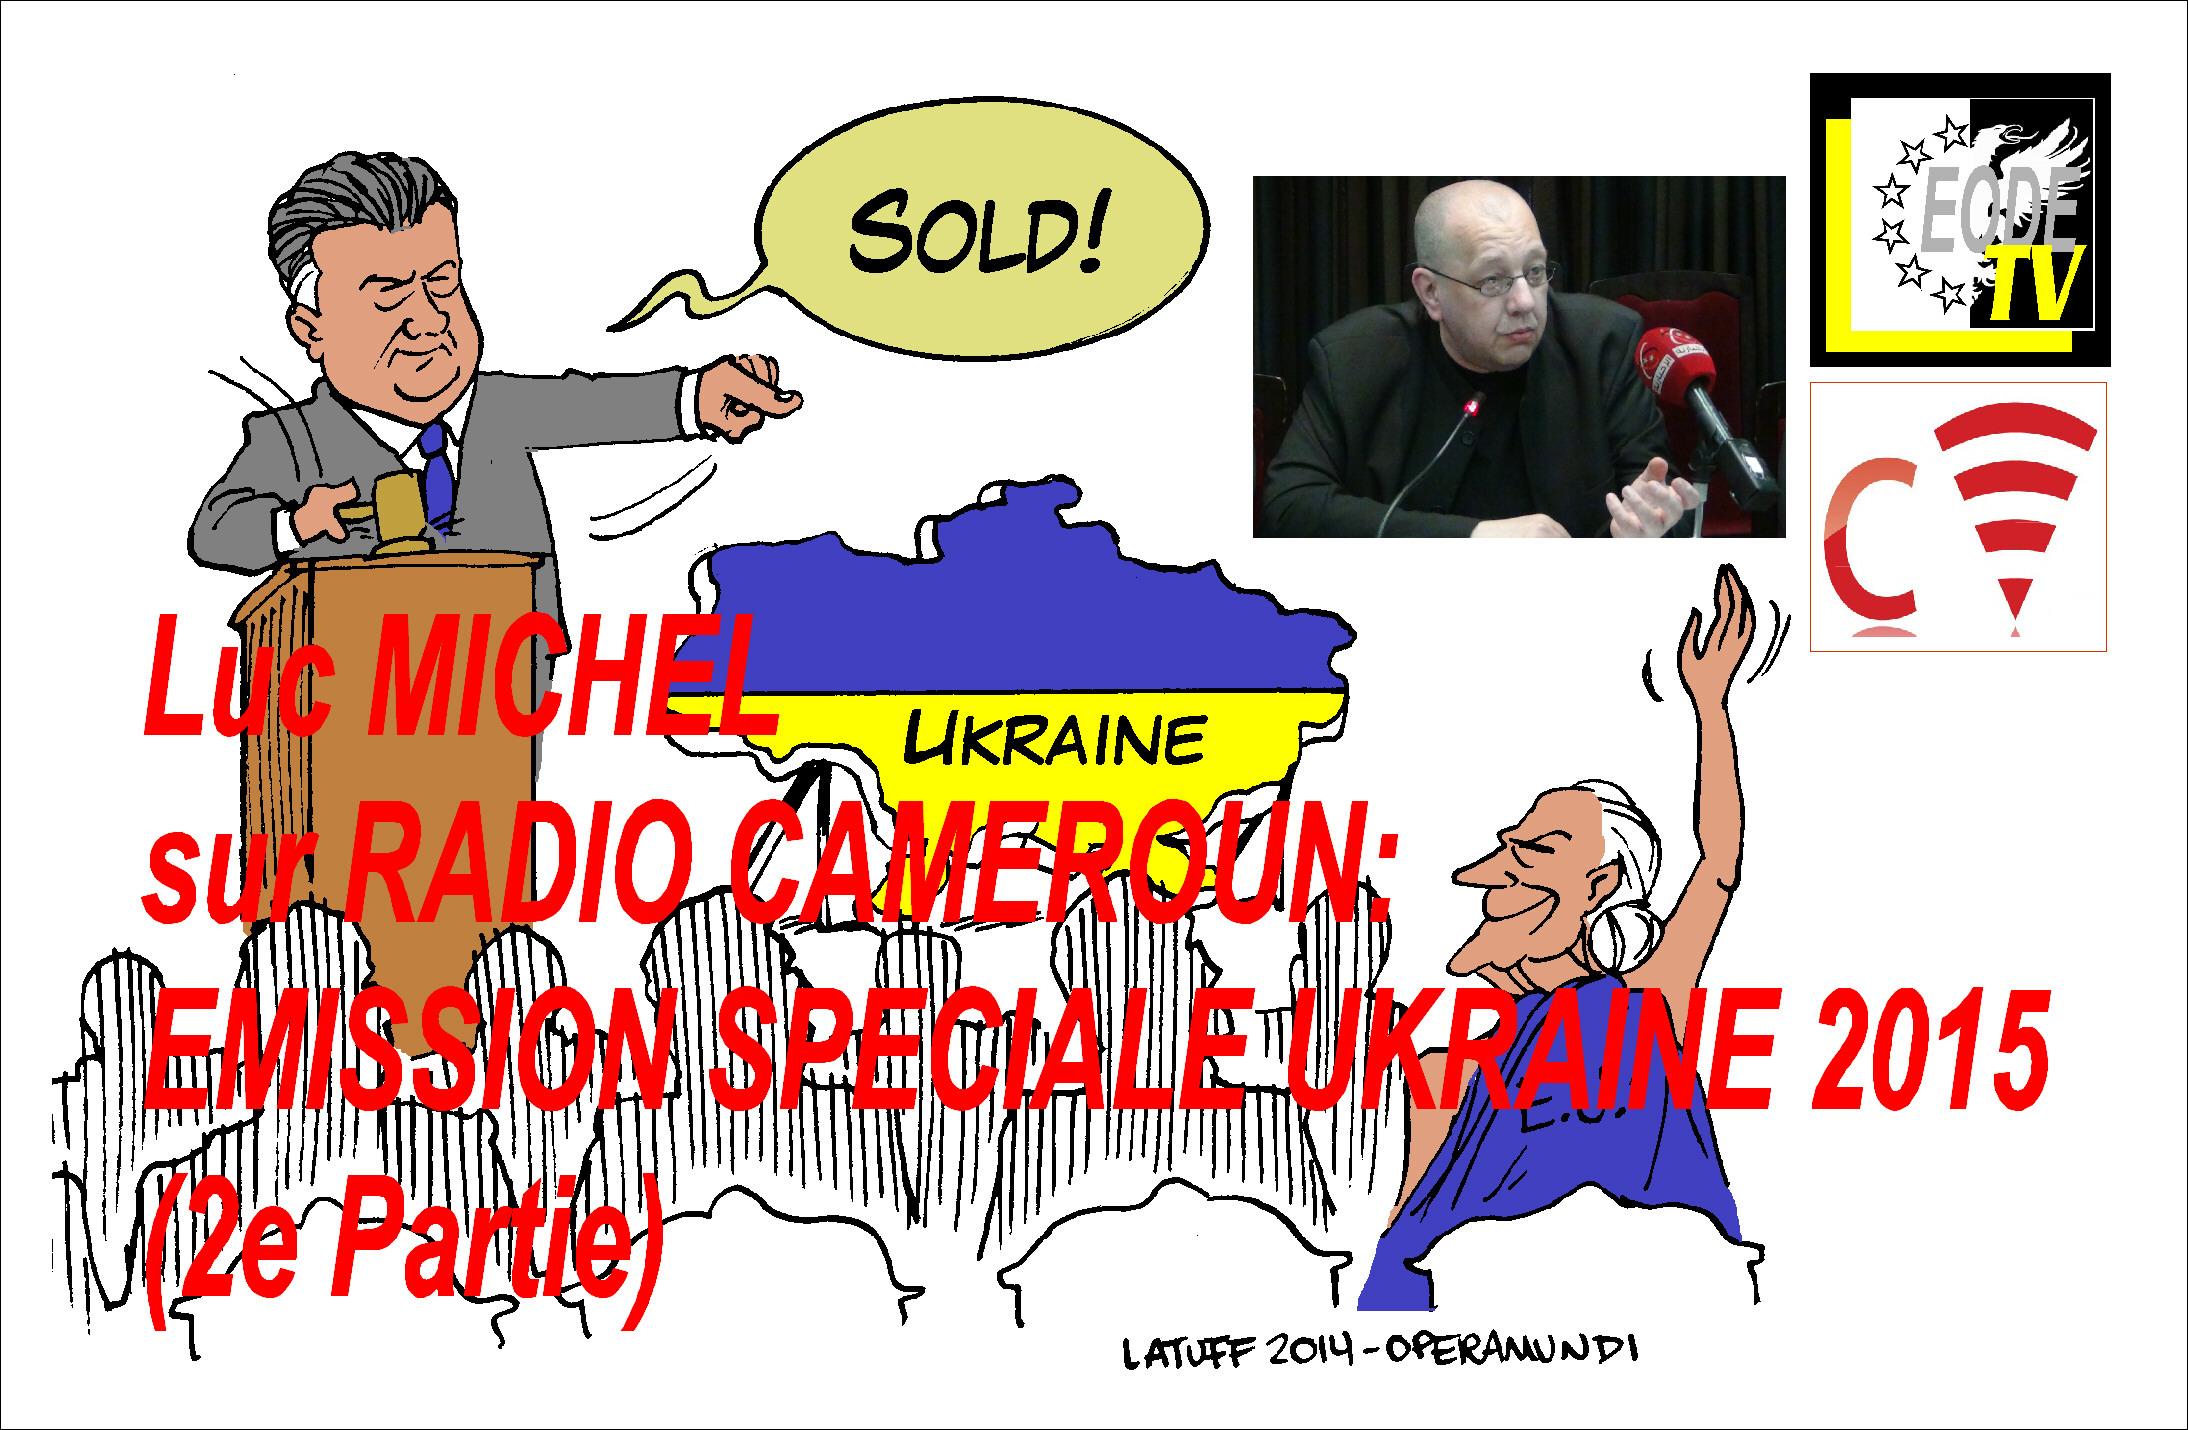 EODE-TV - RADIO CAM. minsk II LM (2015 02 15) FR (1)